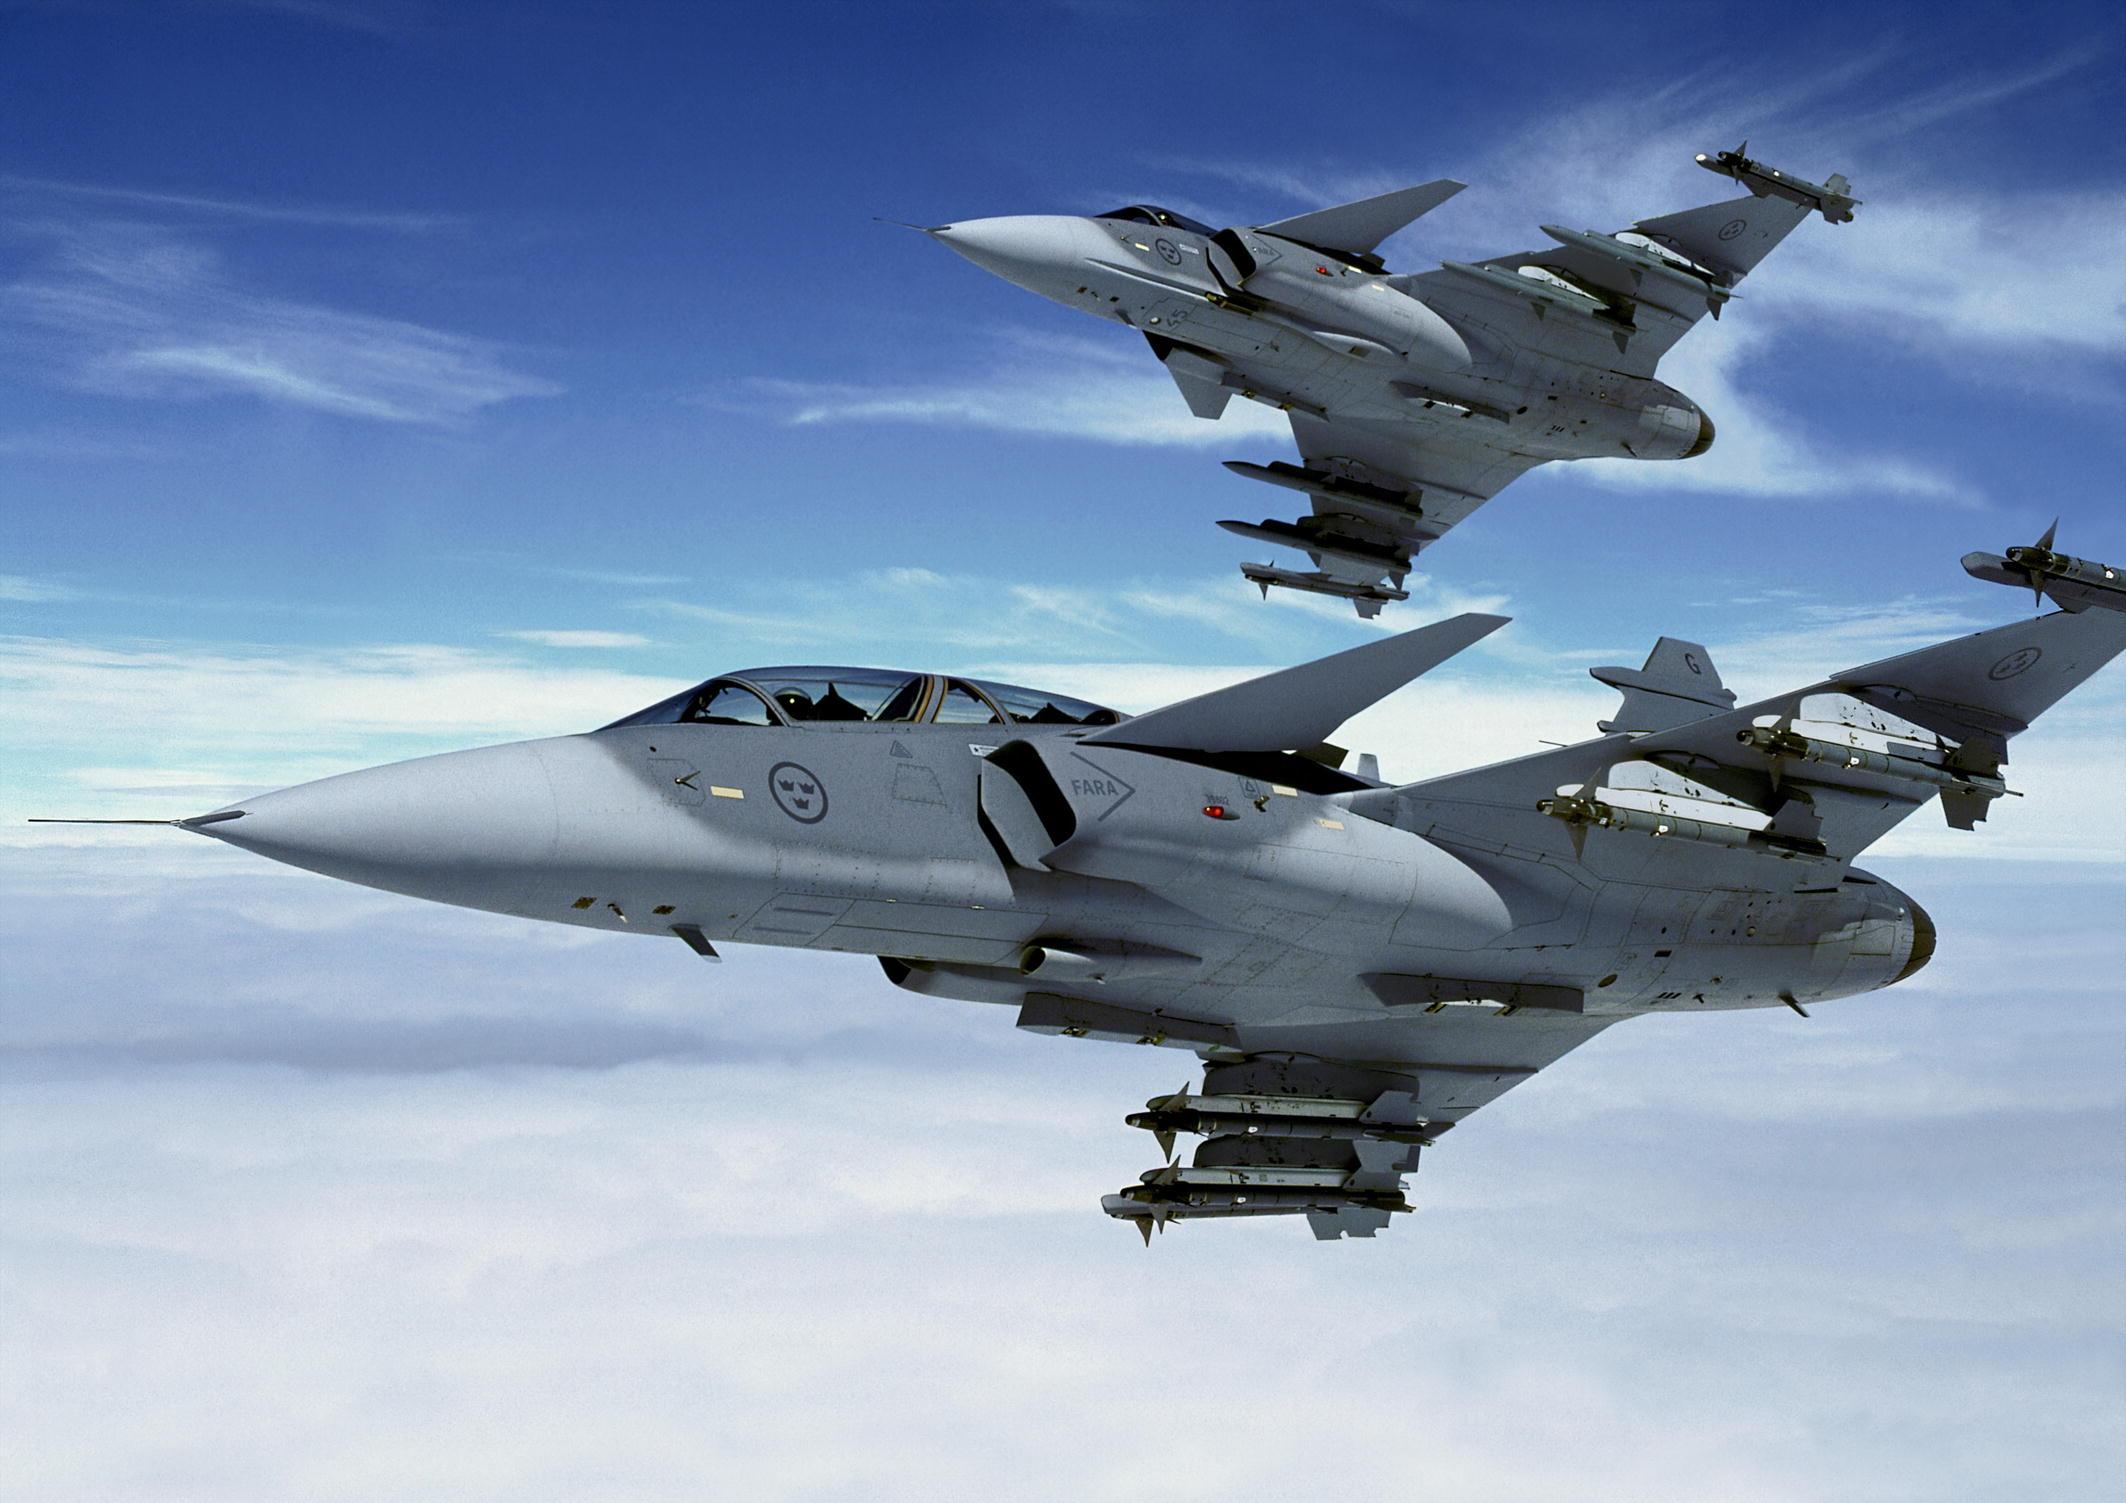 【壁紙】 戦闘機 軍用機 【2126x1503】 : 【壁紙】 戦闘機 攻撃機 爆撃機 【軍用機